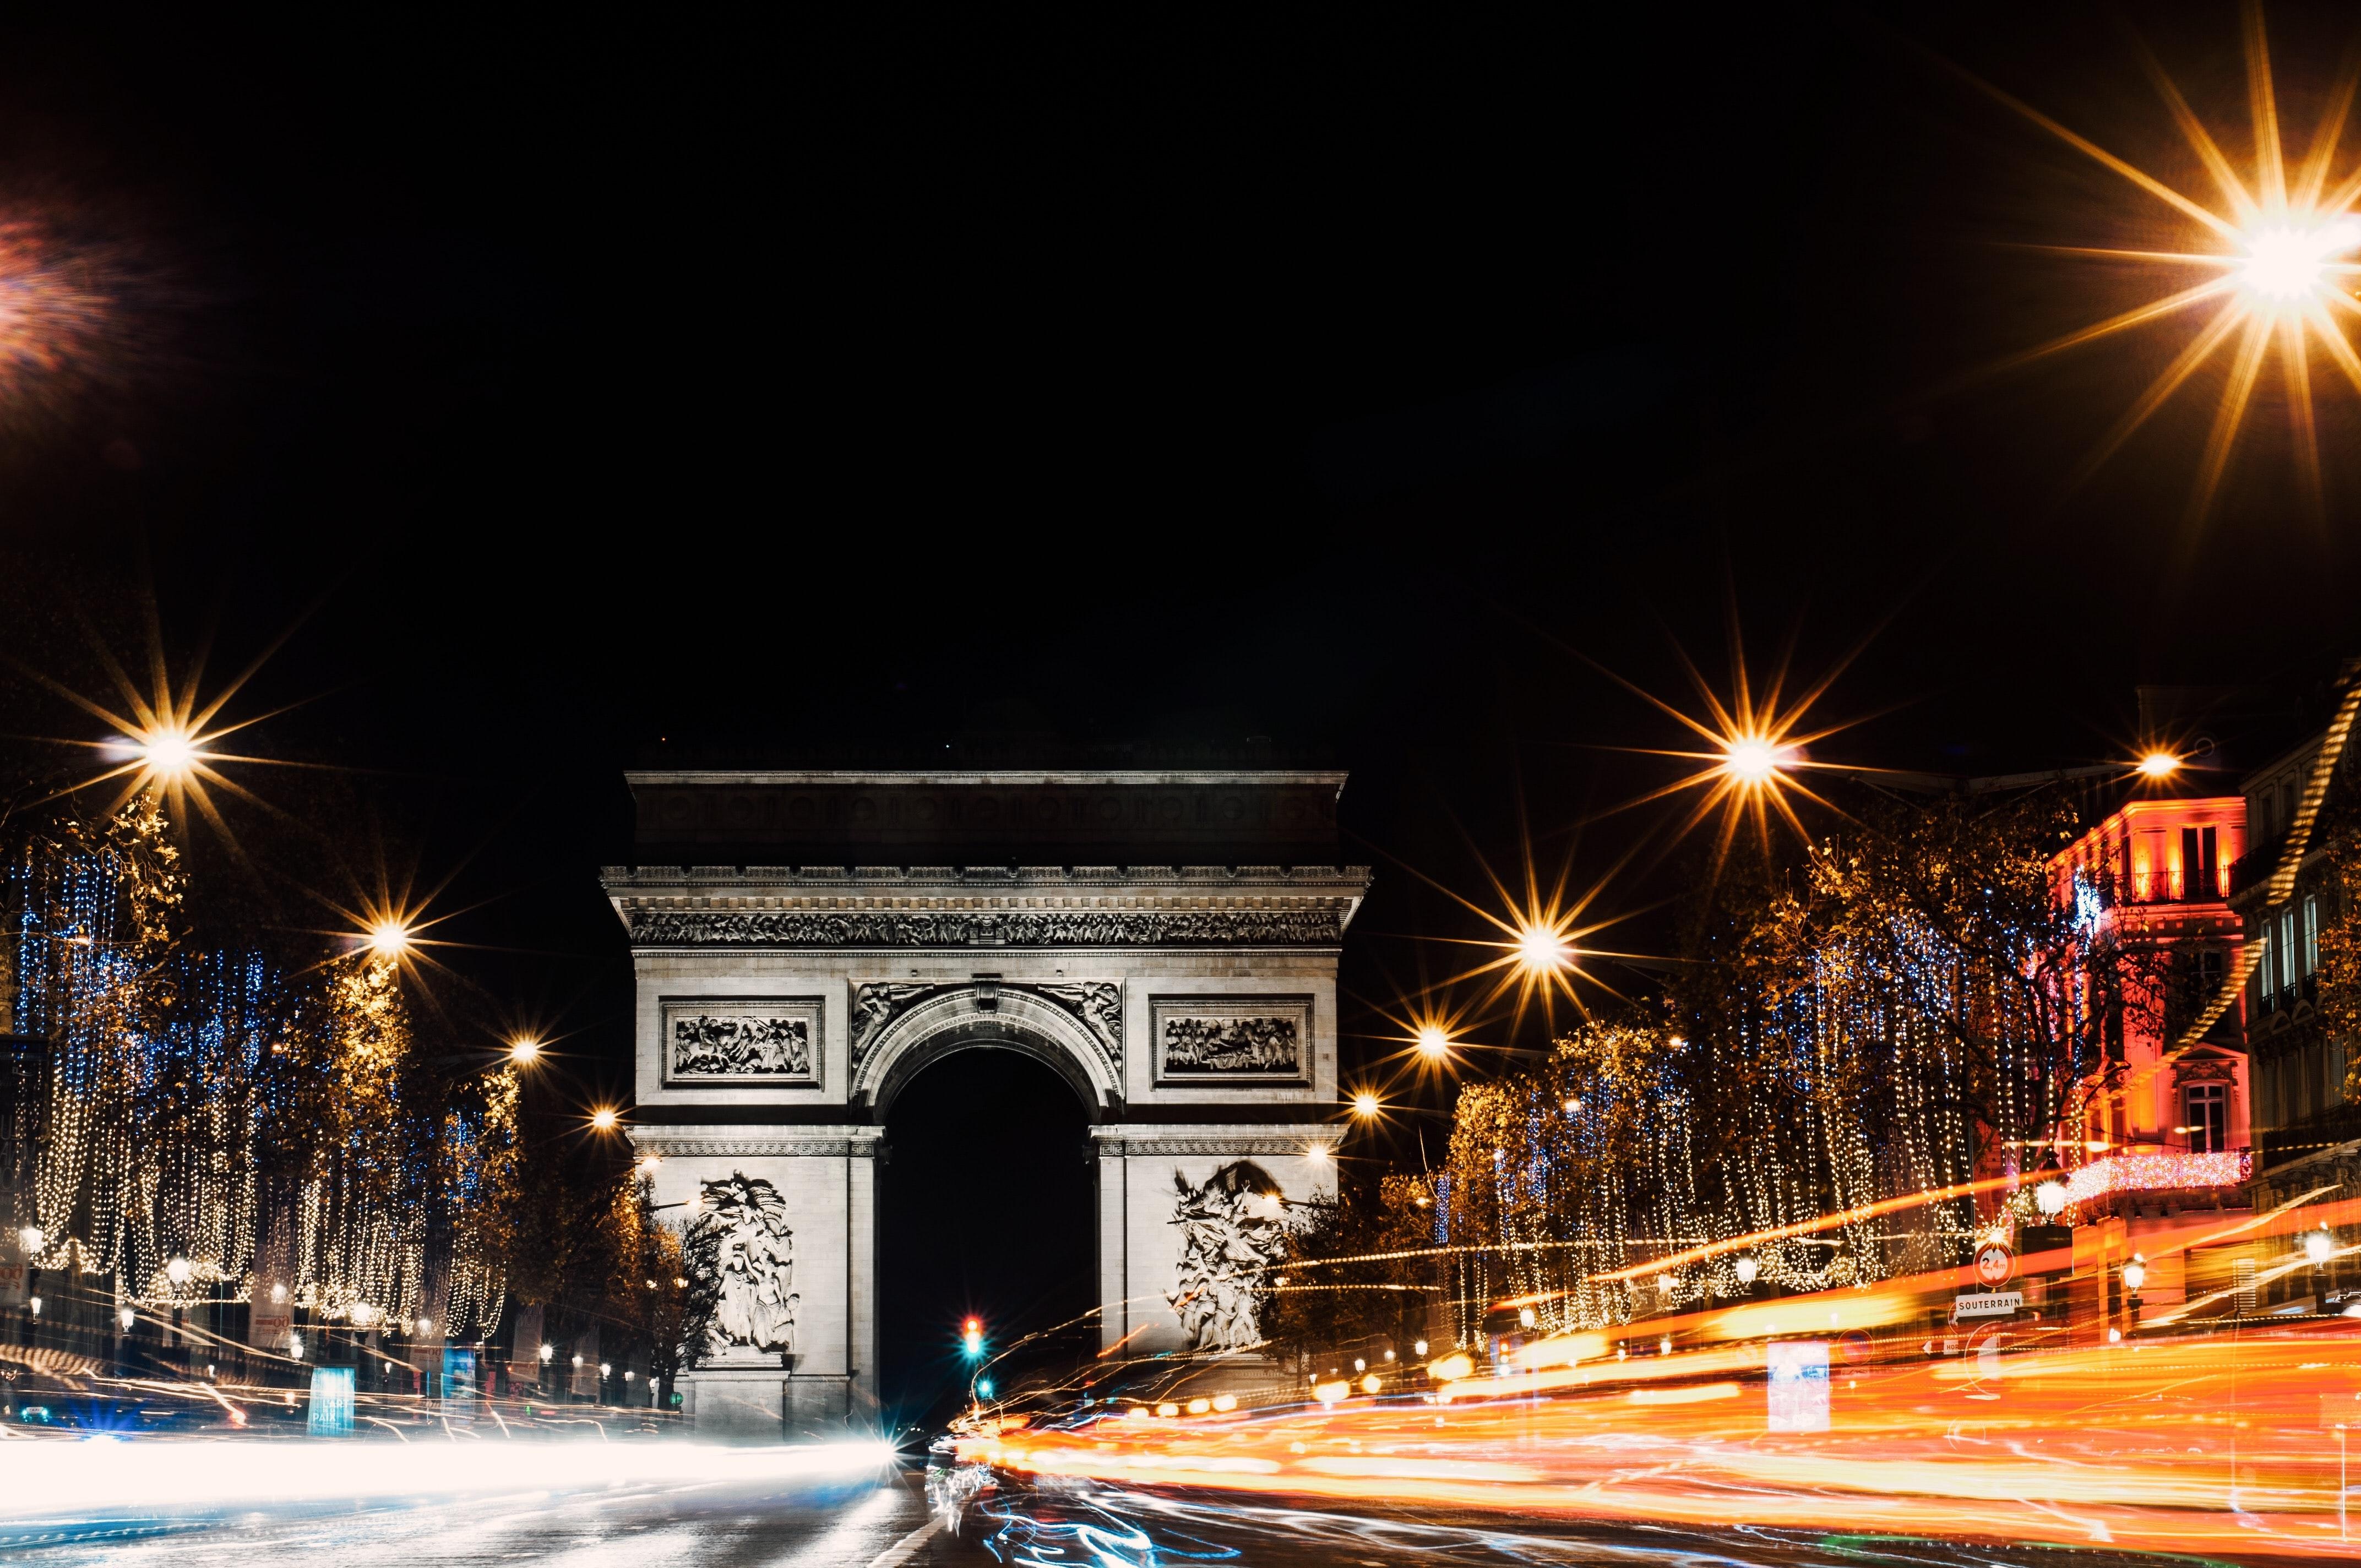 Lutte contre la pollution lumineuse : un nouveau plan lumière pour Paris ?